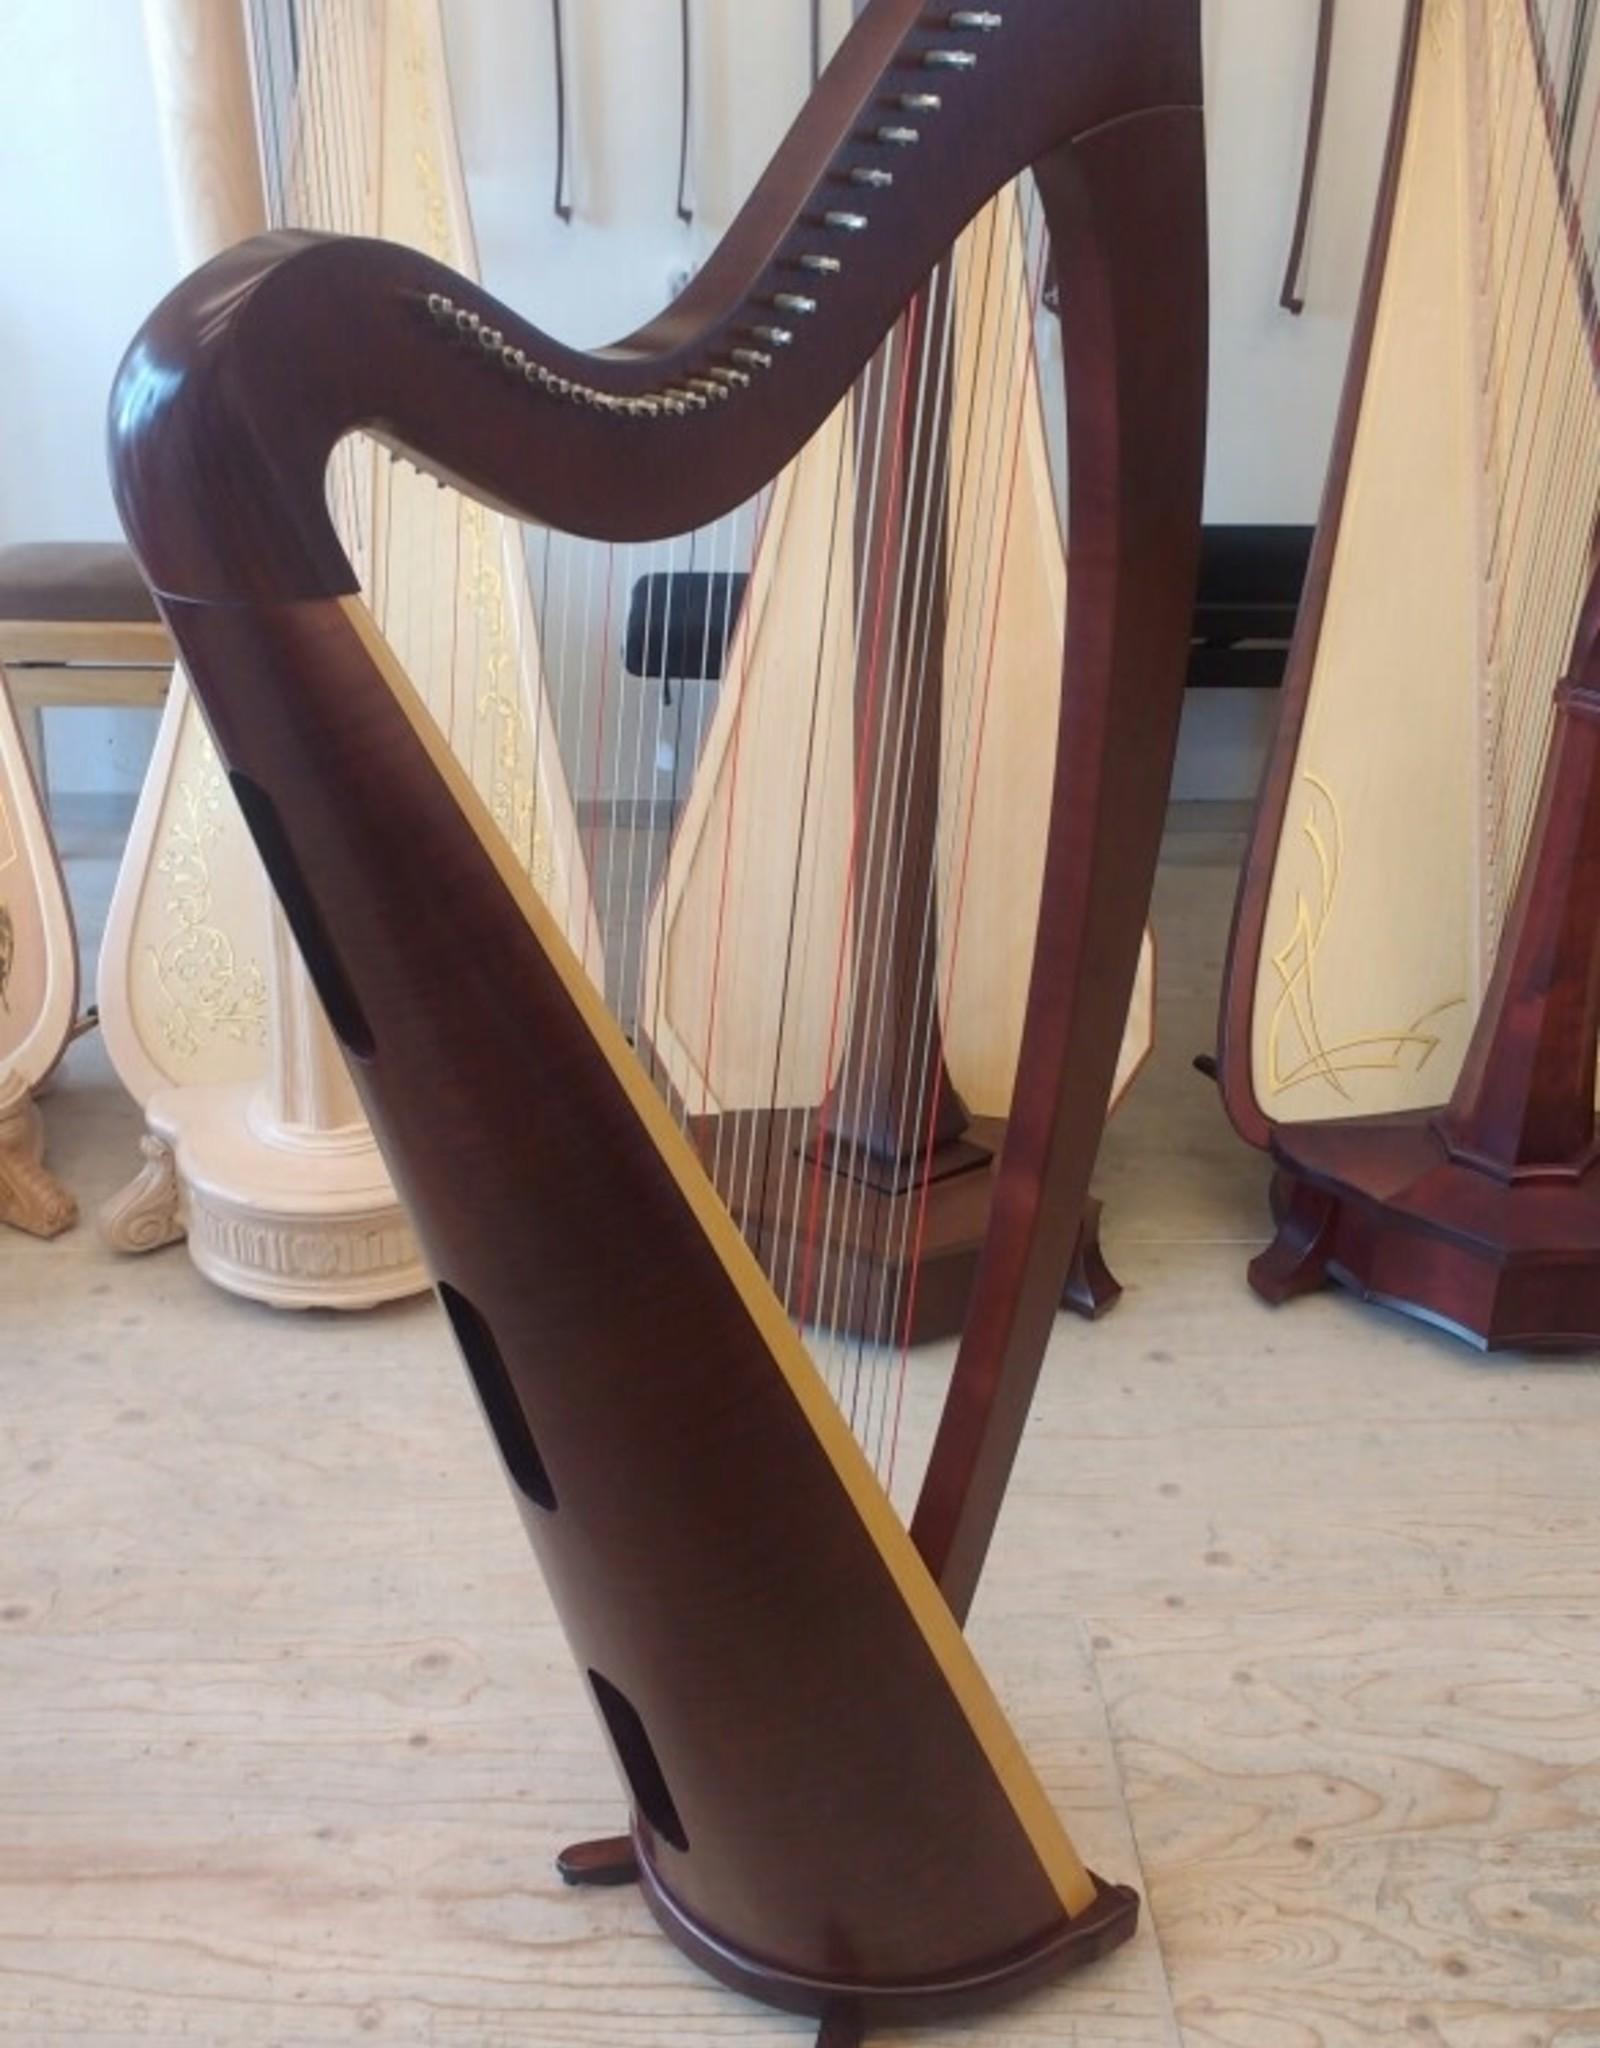 Lyon&Healy LYON&HEALY Ogden Mahogany - tweedehands harp -  prijs op aanvraag